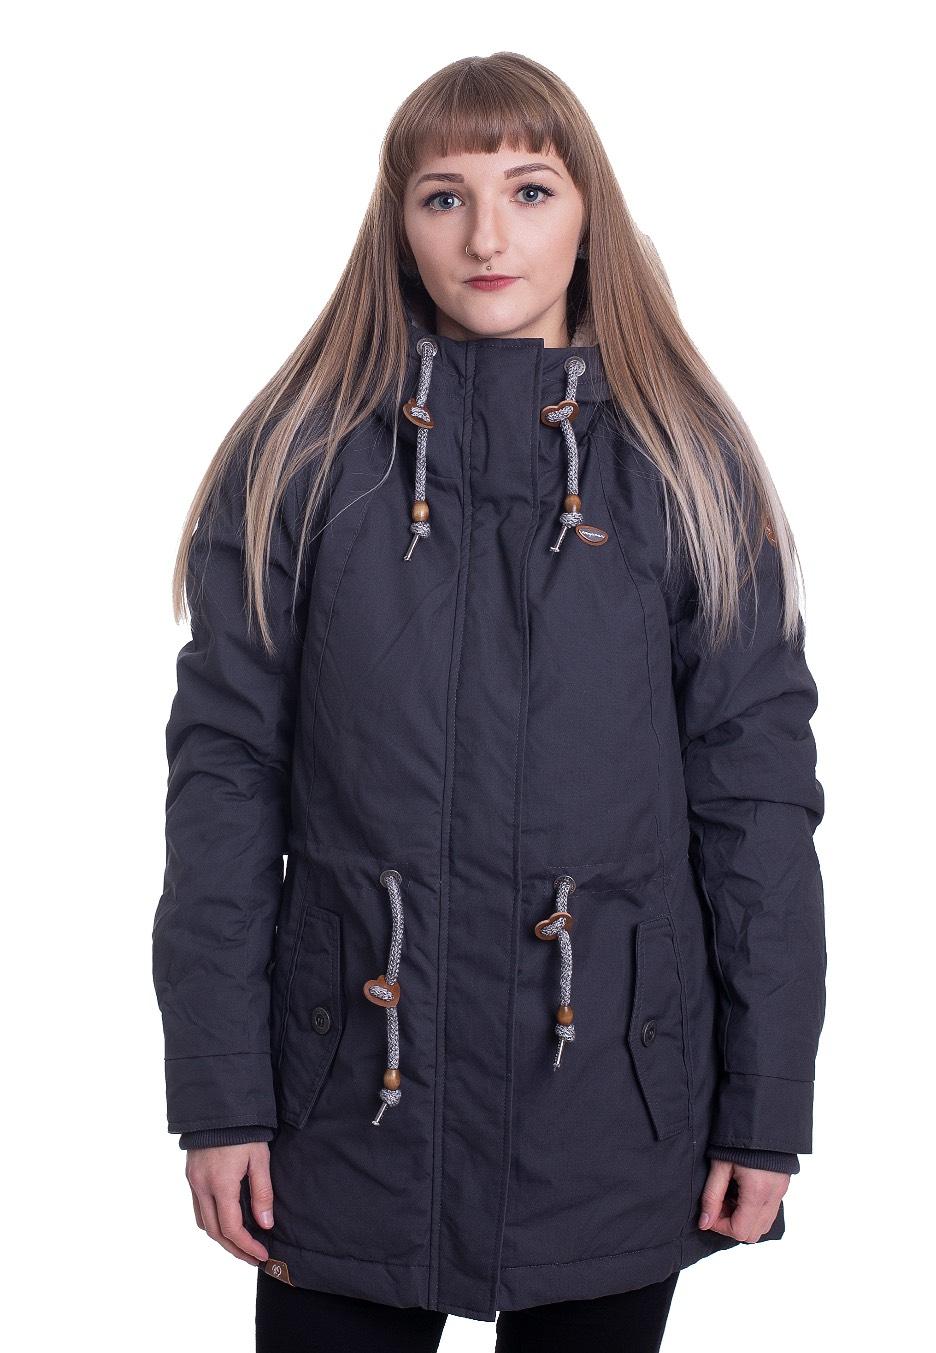 Jacken - Ragwear Monadis Dark Grey Jacken  - Onlineshop IMPERICON